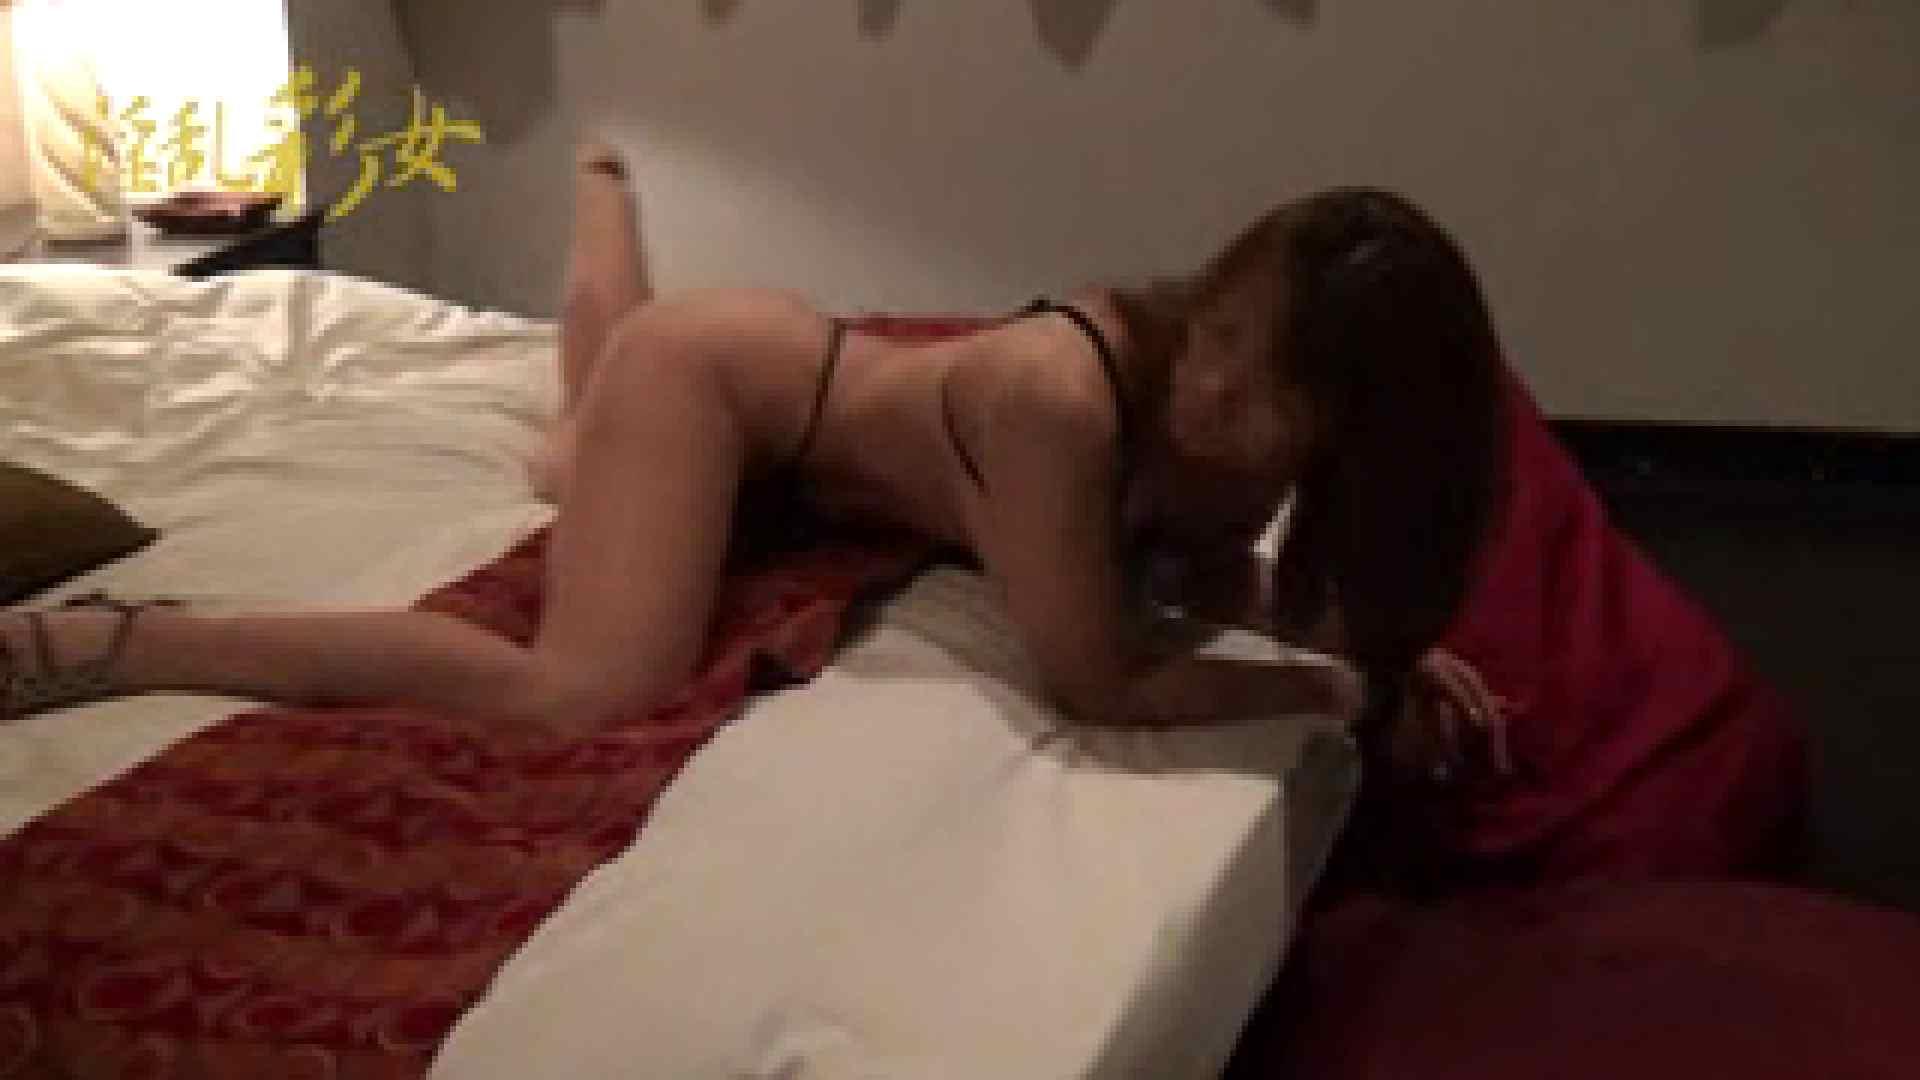 淫乱彩女麻優里 30歳デカマラ単独君 ハイビジョン 入浴シーン | 高画質  26連発 10